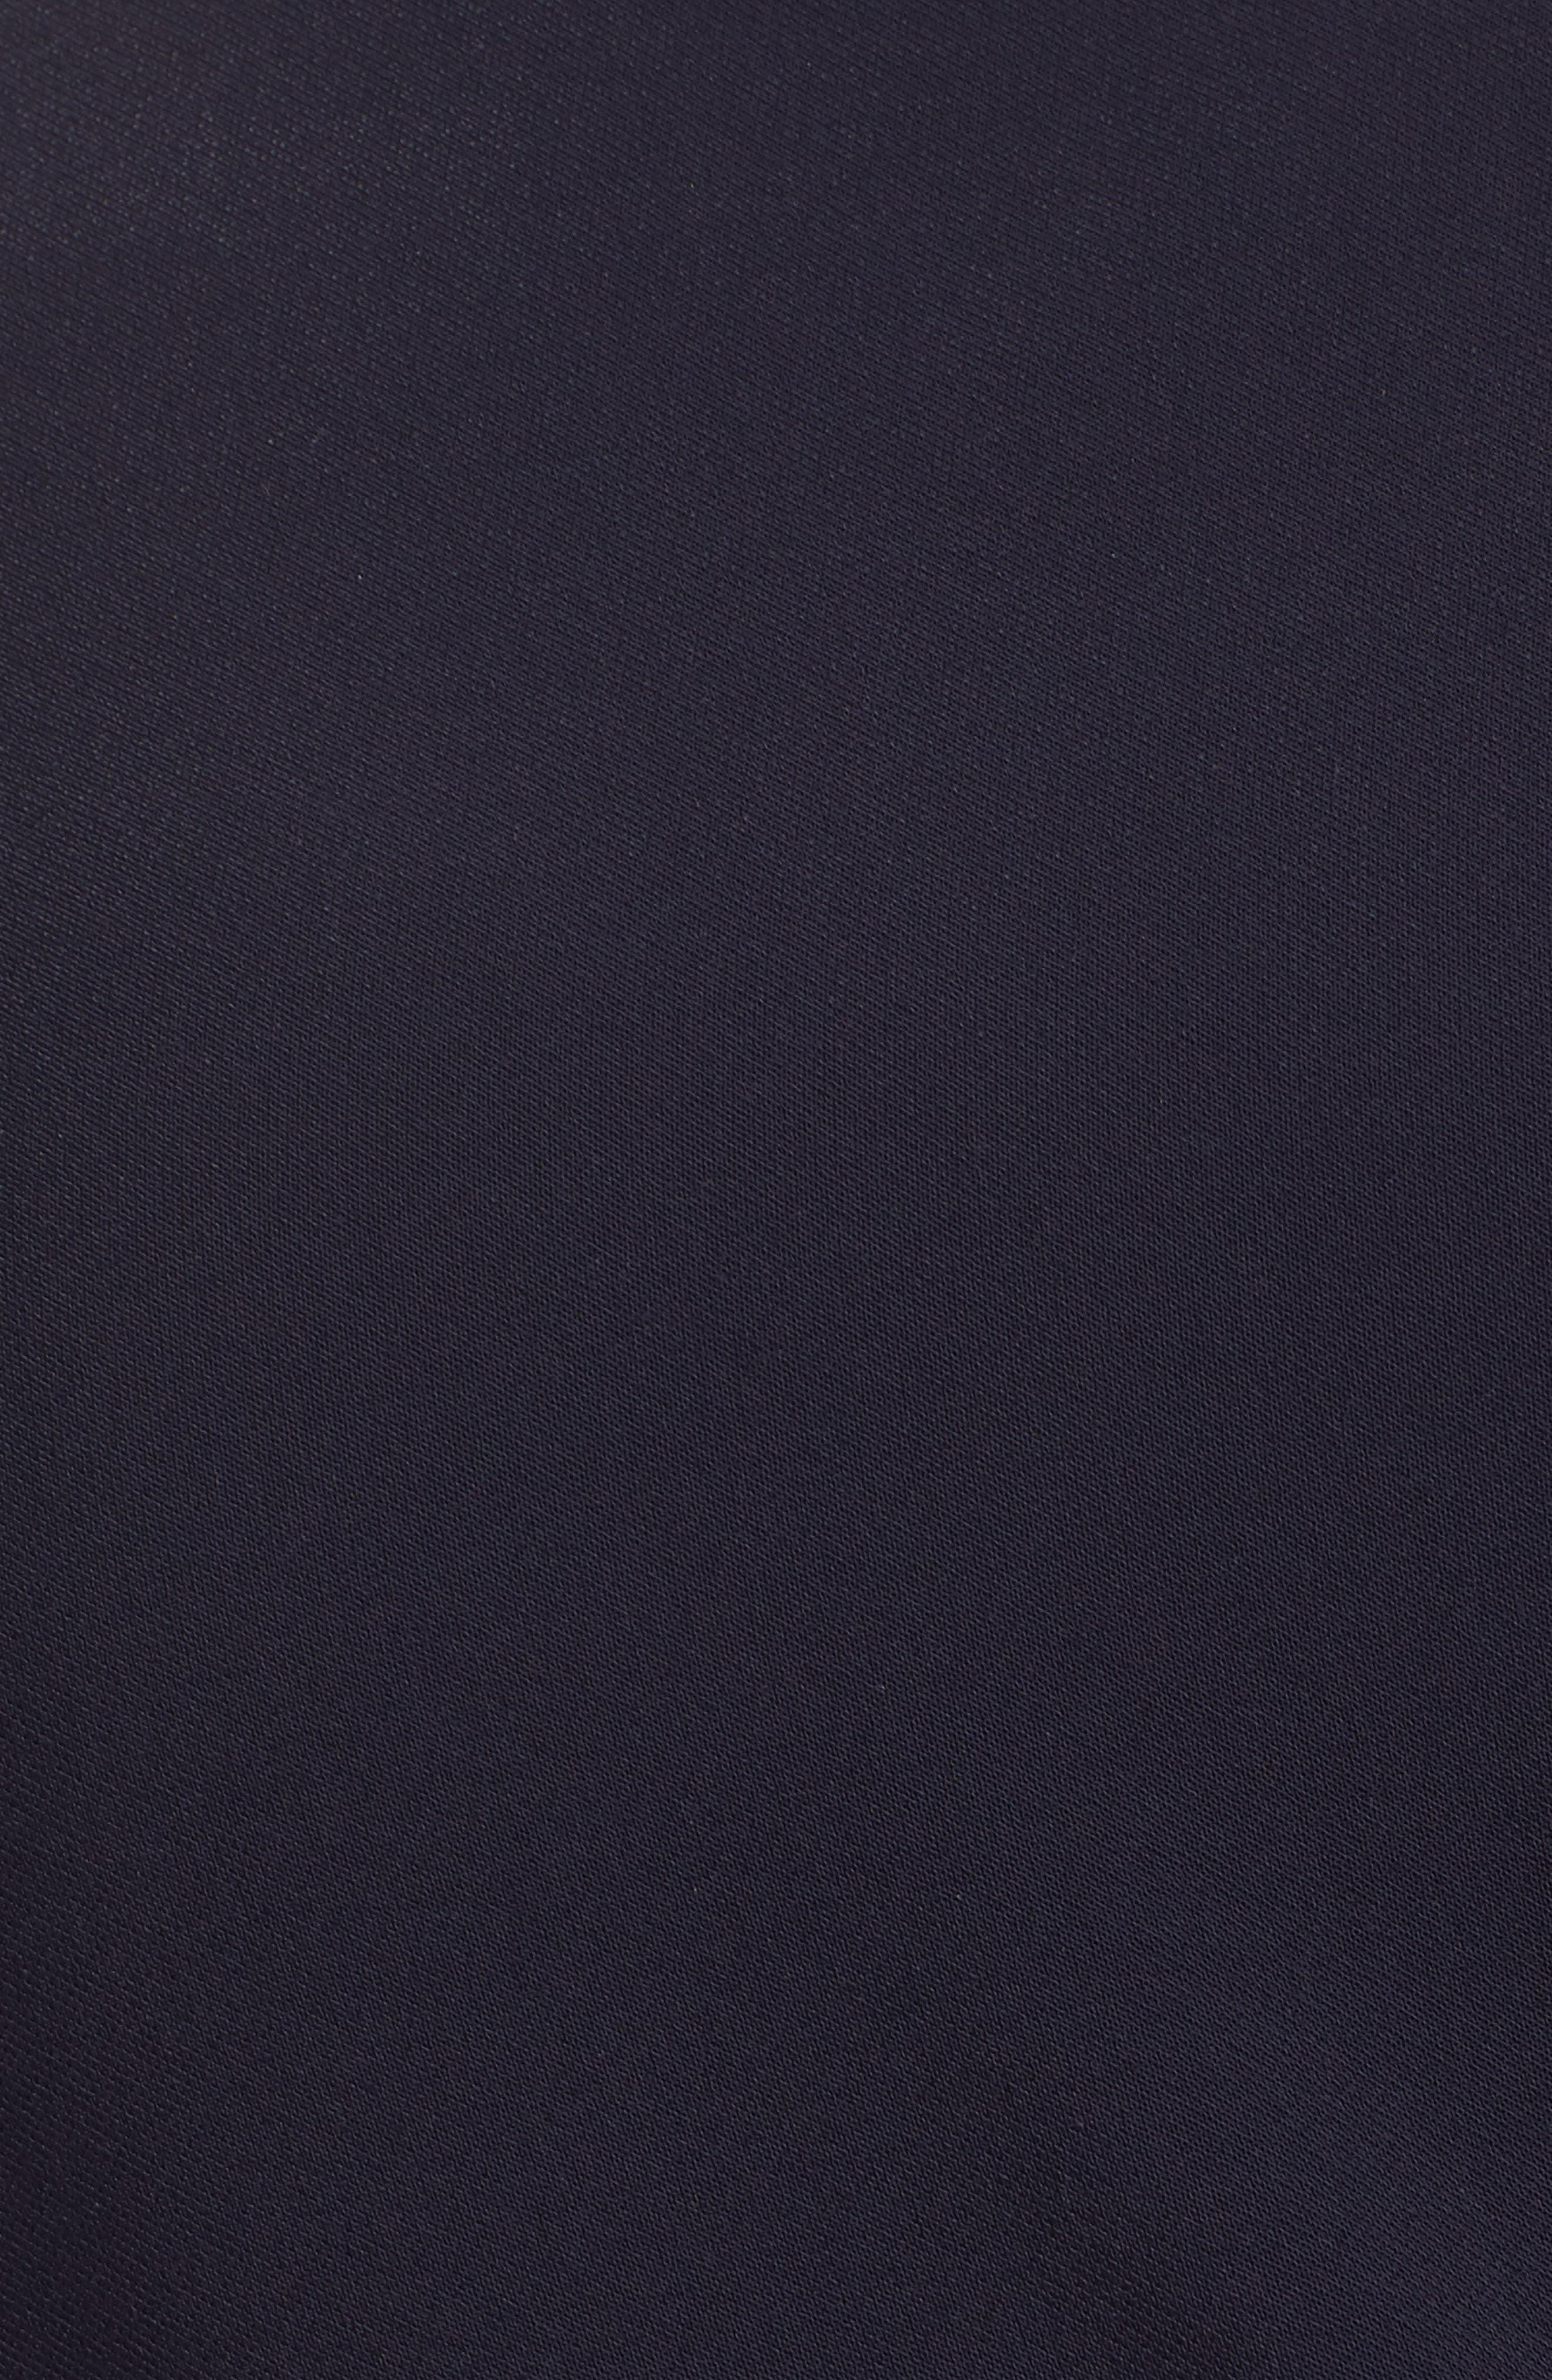 Tie Waist Crop Crepe Jumpsuit,                             Alternate thumbnail 6, color,                             NAVY